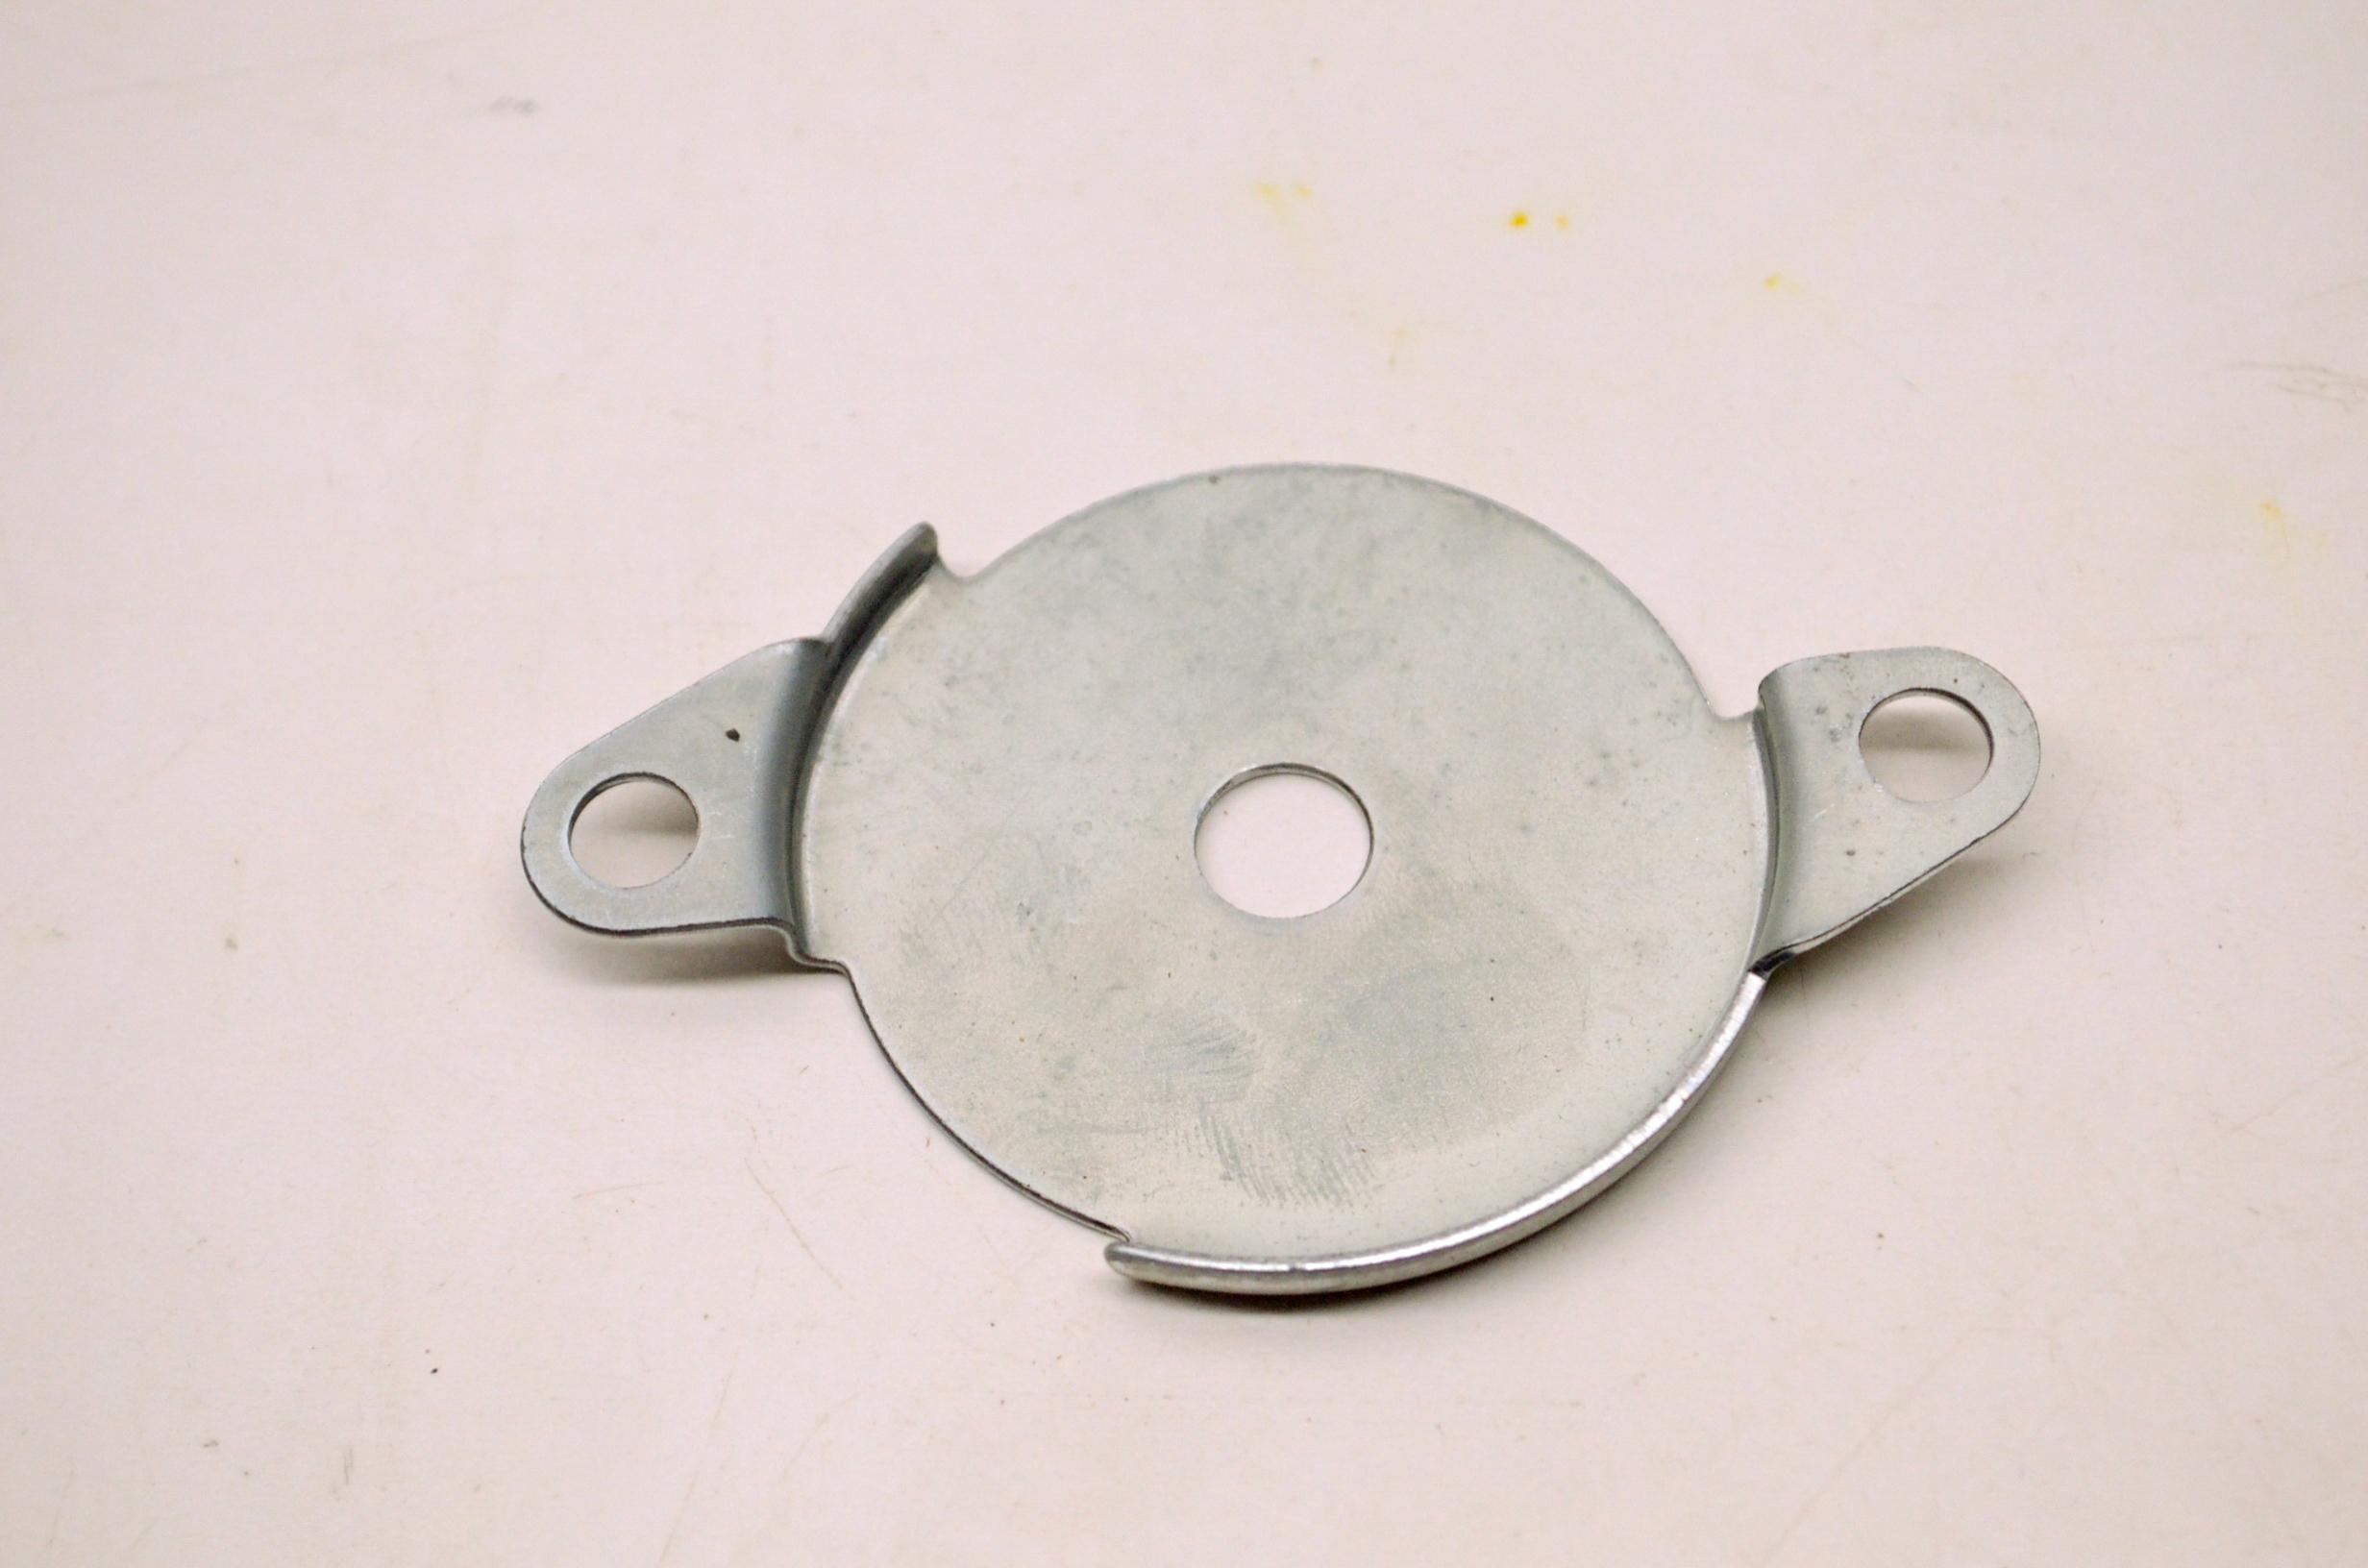 OEM Suzuki 09443-08001 Clutch Release Spring NOS